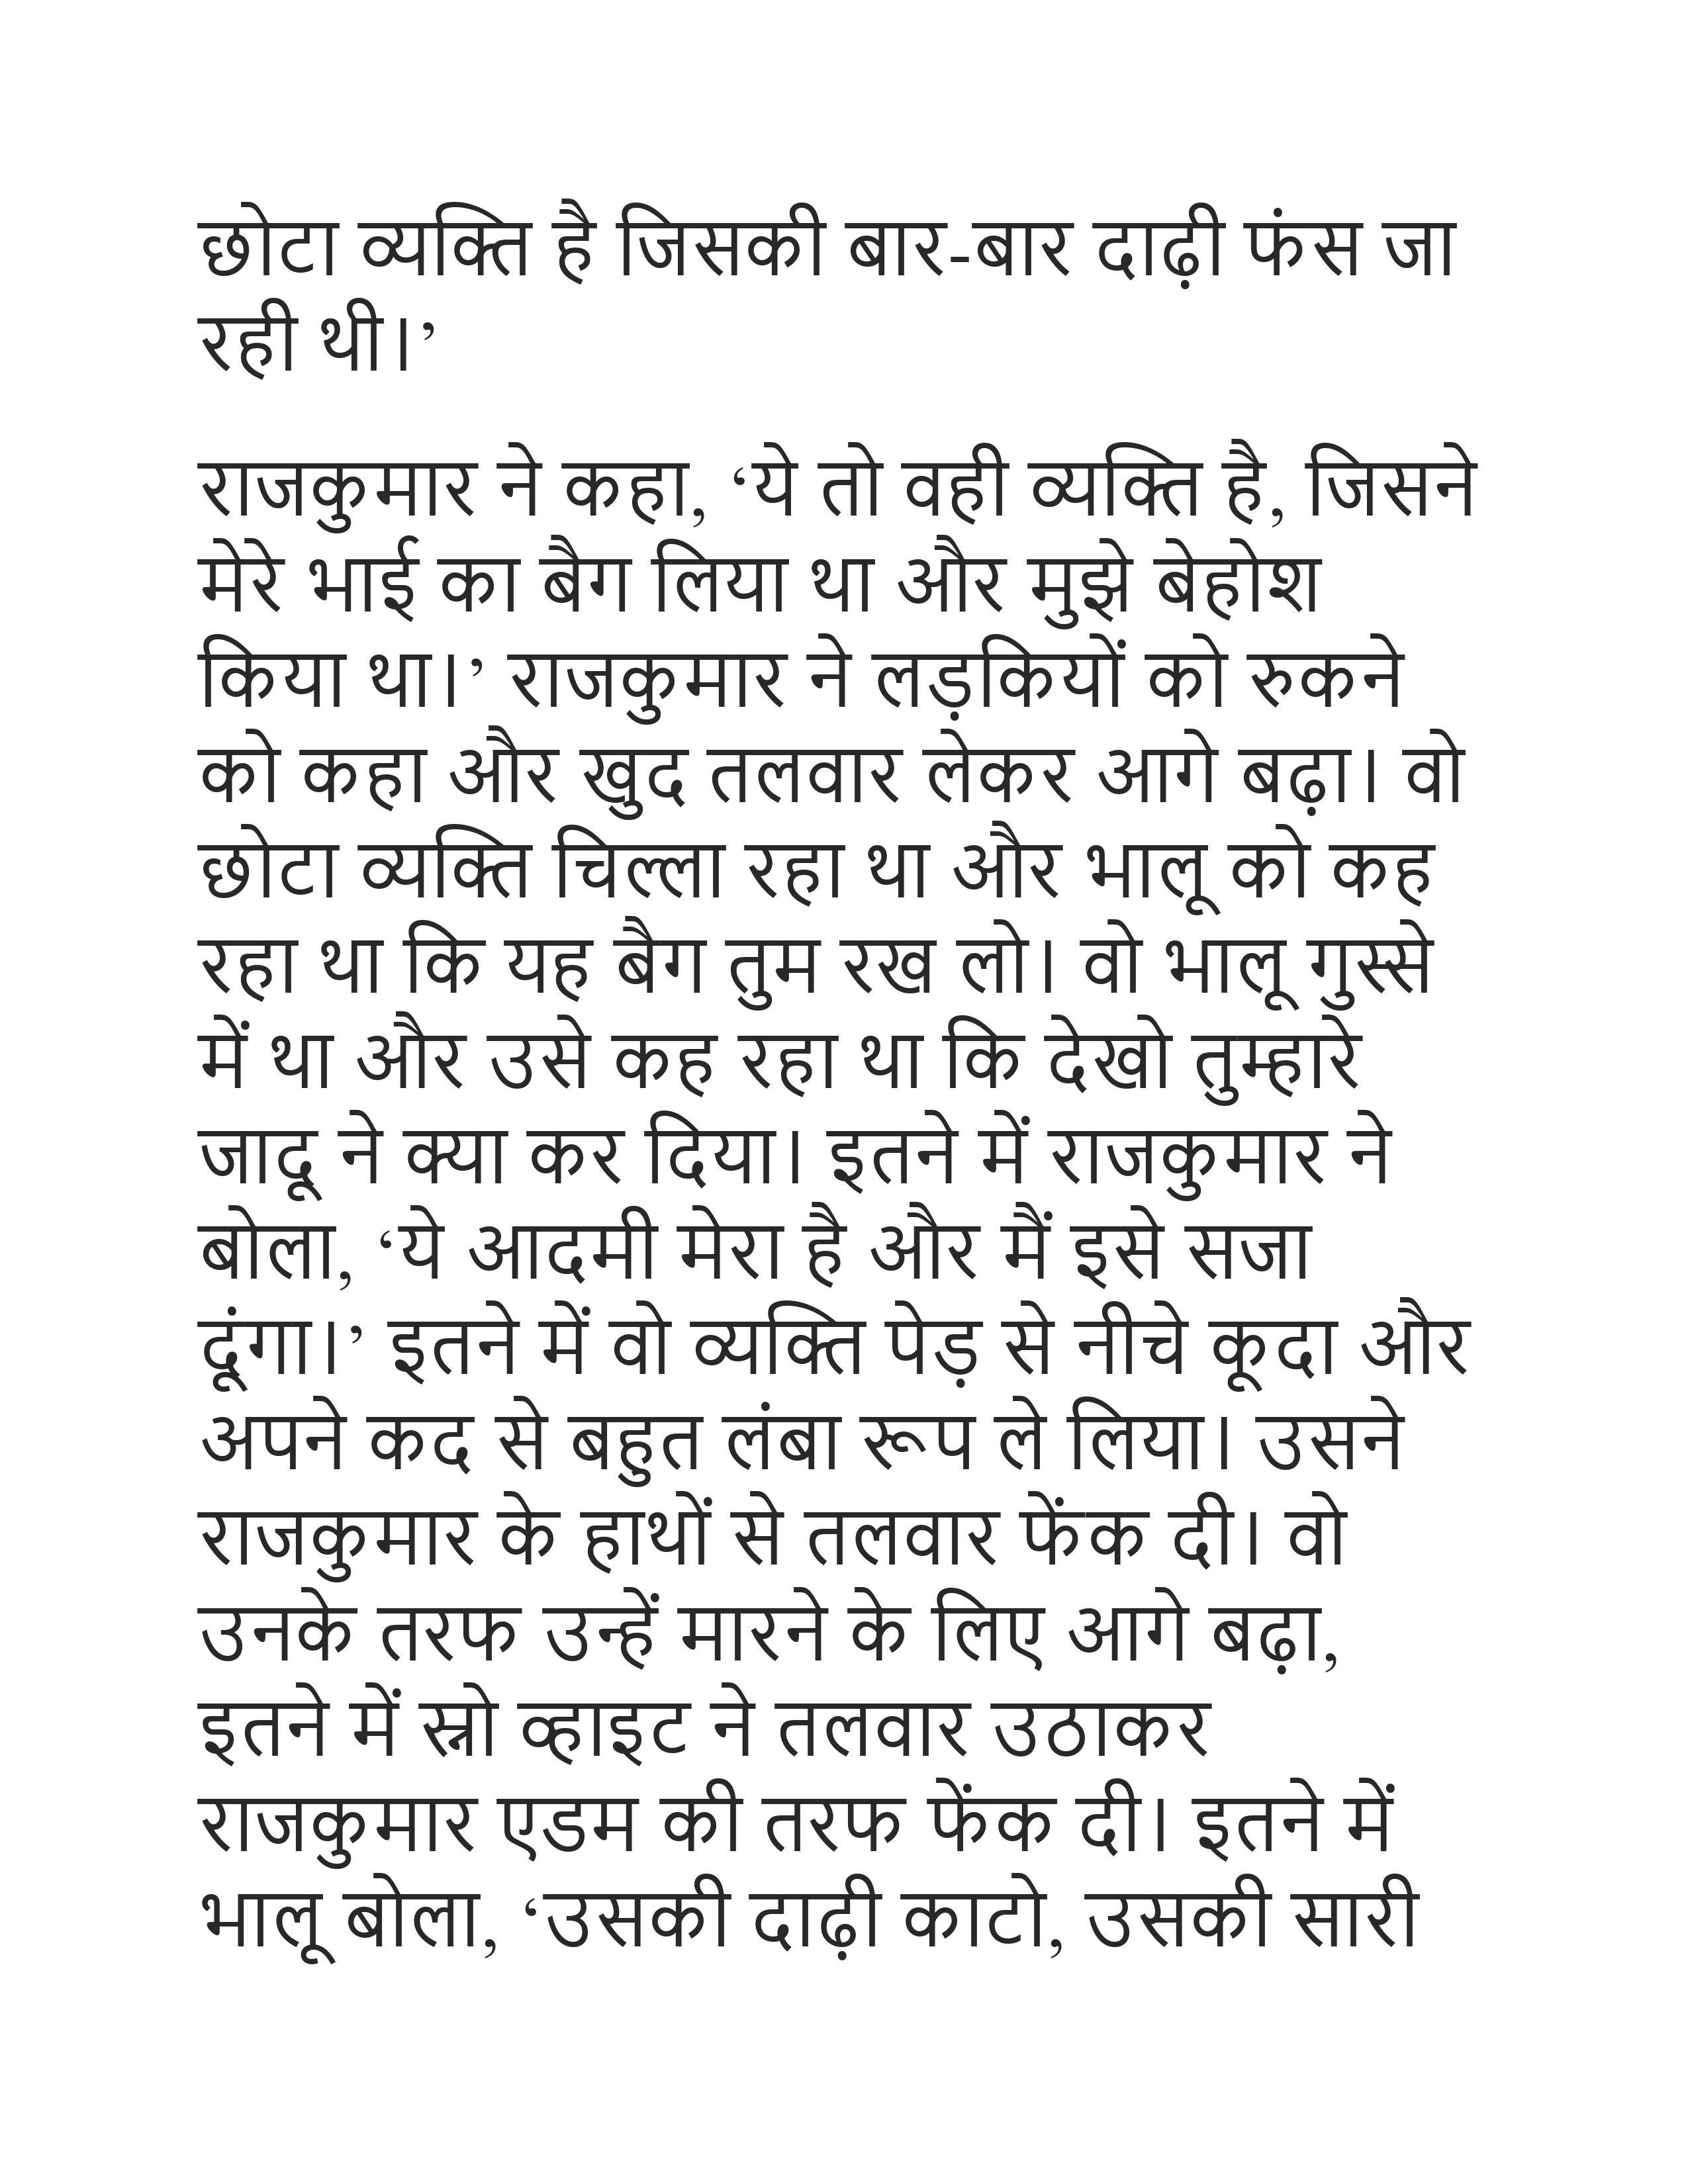 Fairy tales hindi pariyon ki kahaniya 7 1